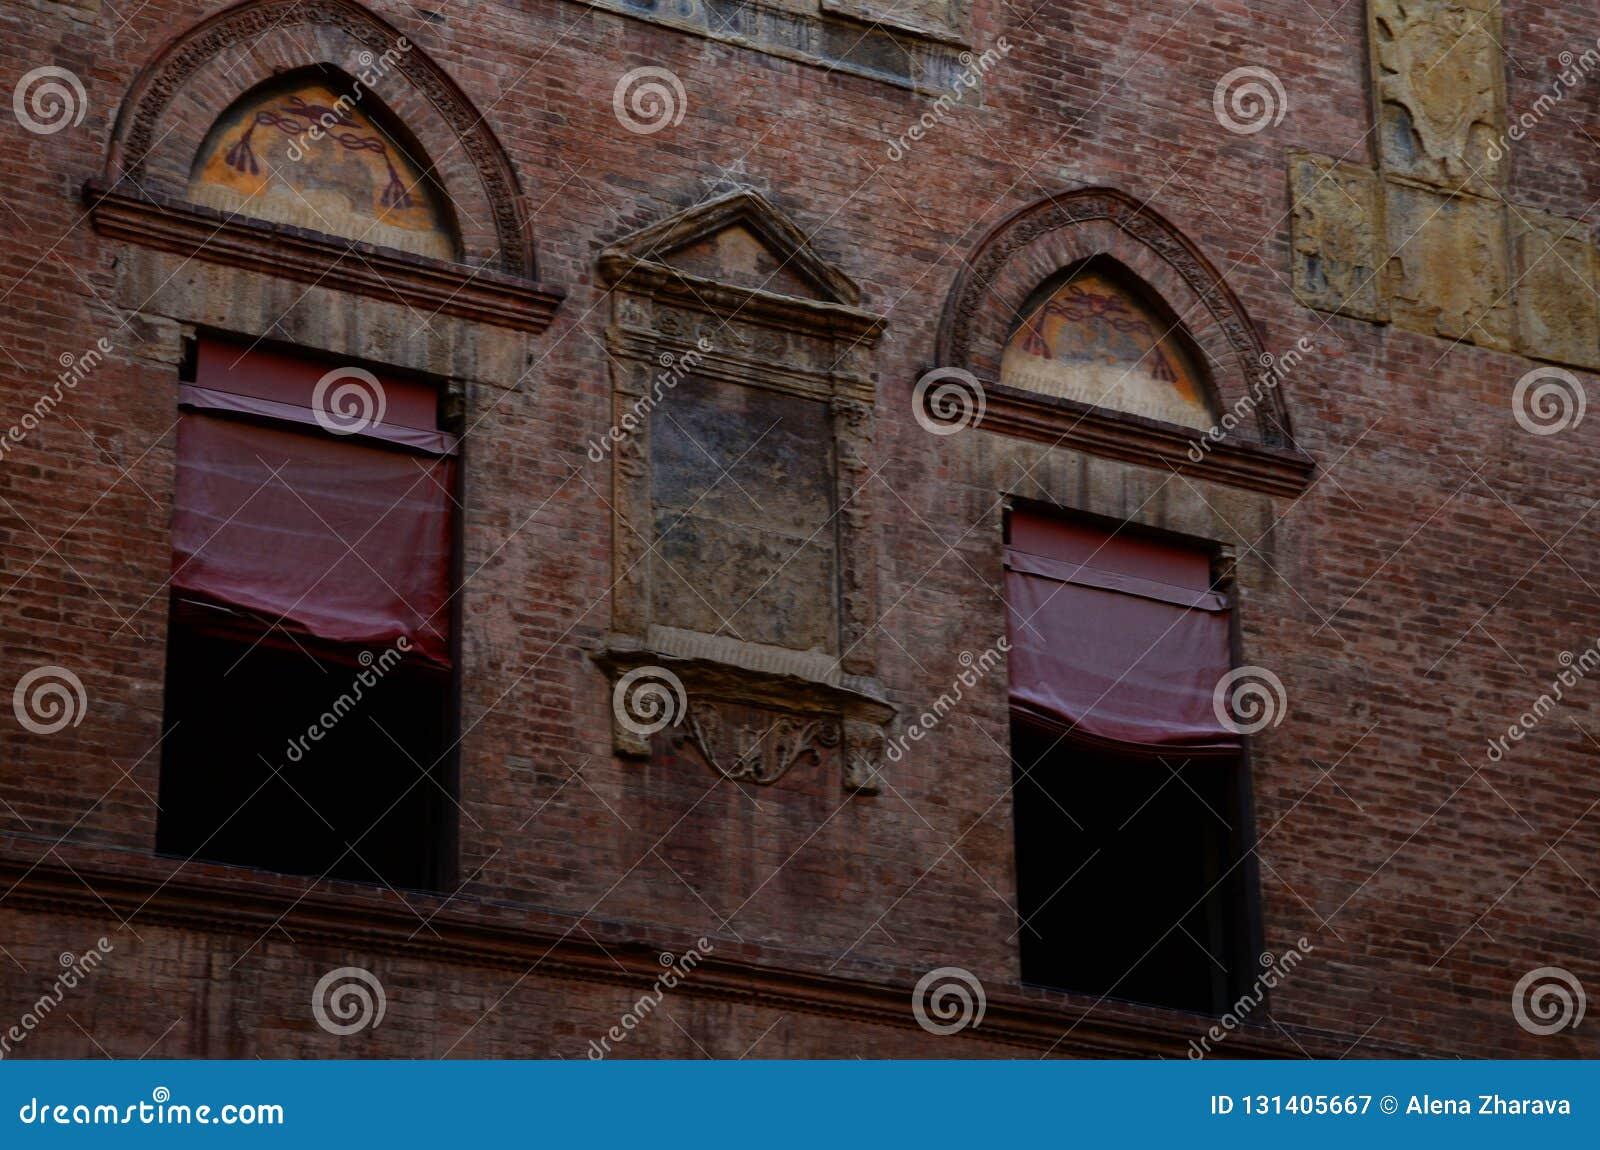 городская архитектура в центре города, болонья, Италия